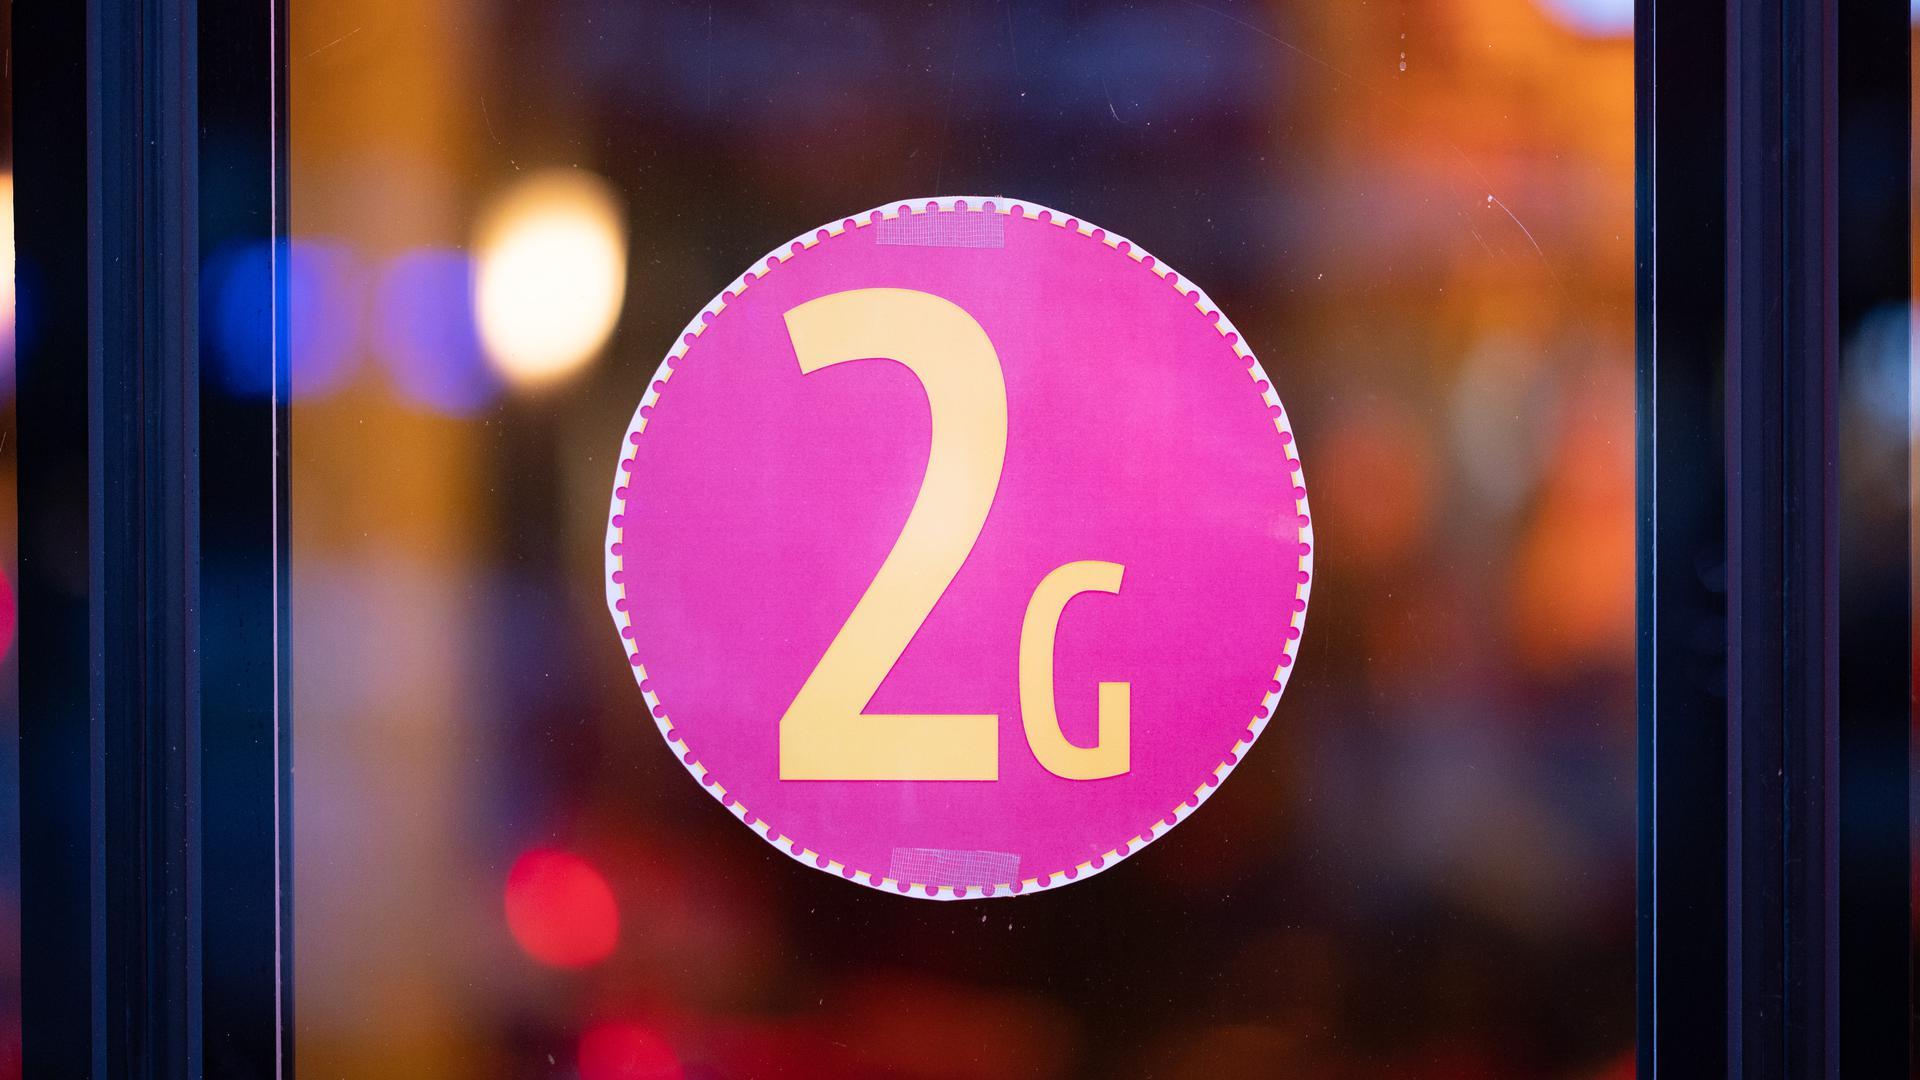 """Ein Aufkleber mit der Aufschrift """"2G"""" ist am Eingang von Schmidts Tivoli Theater zu sehen."""